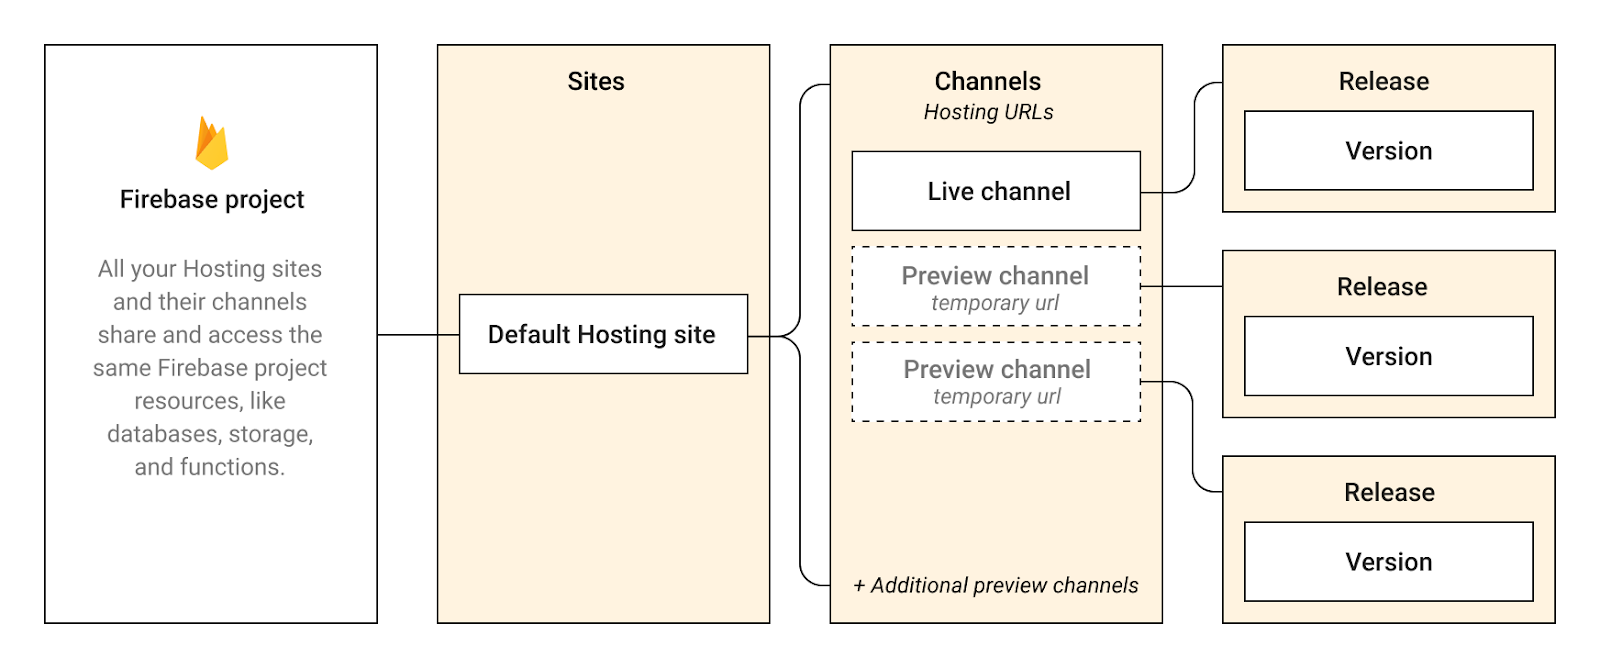 una imagen de la jerarquía de Firebase Hosting